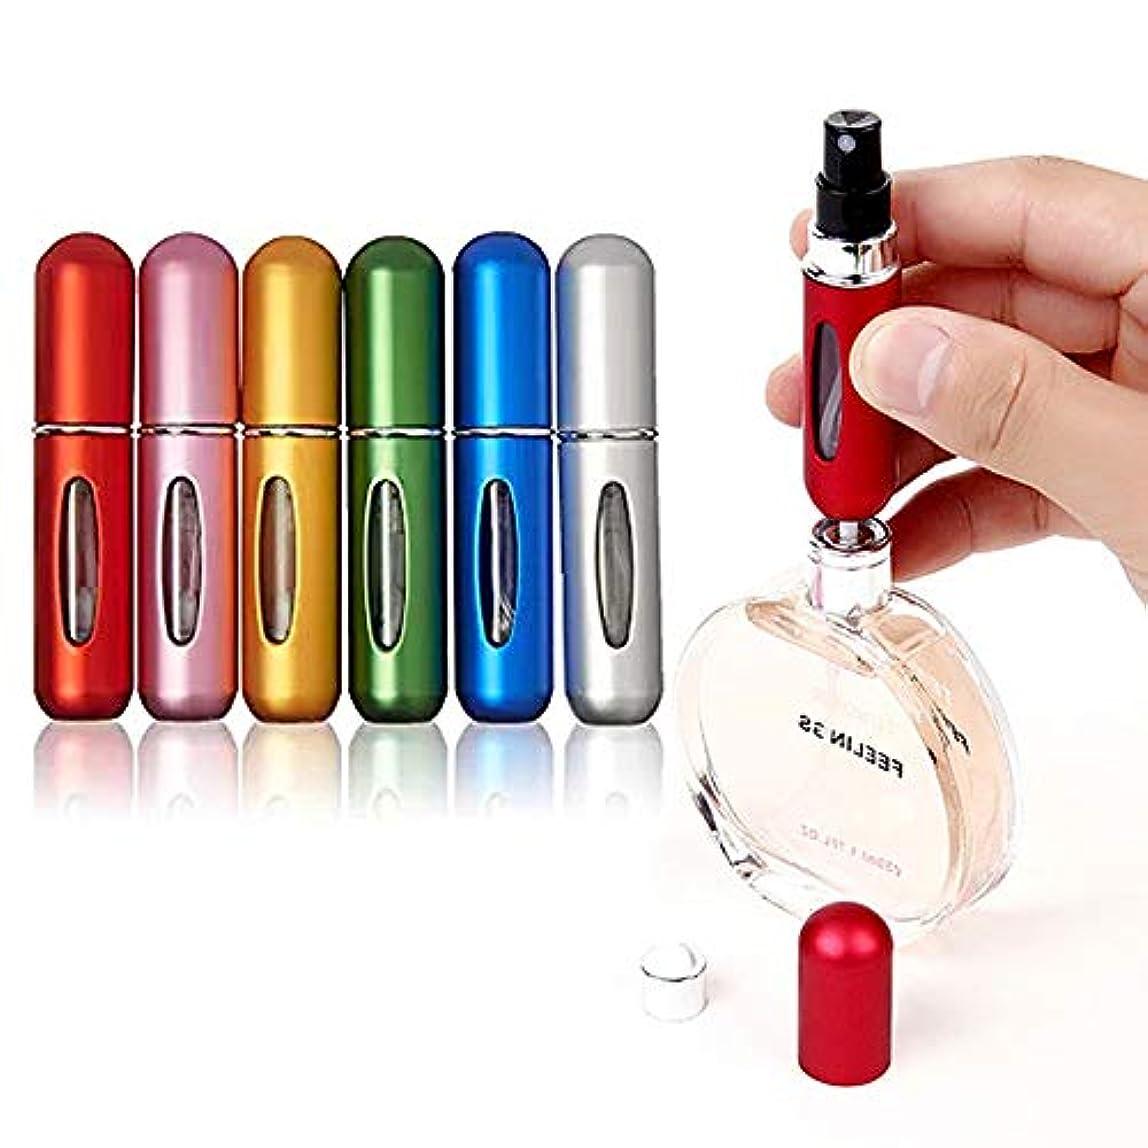 イースターランタン考えた香水 クイック アトマイザー 5ml 詰め替え 携帯用 ボトル式 スプレー 持ち運び 便利 コンパクト エチケット 全6色